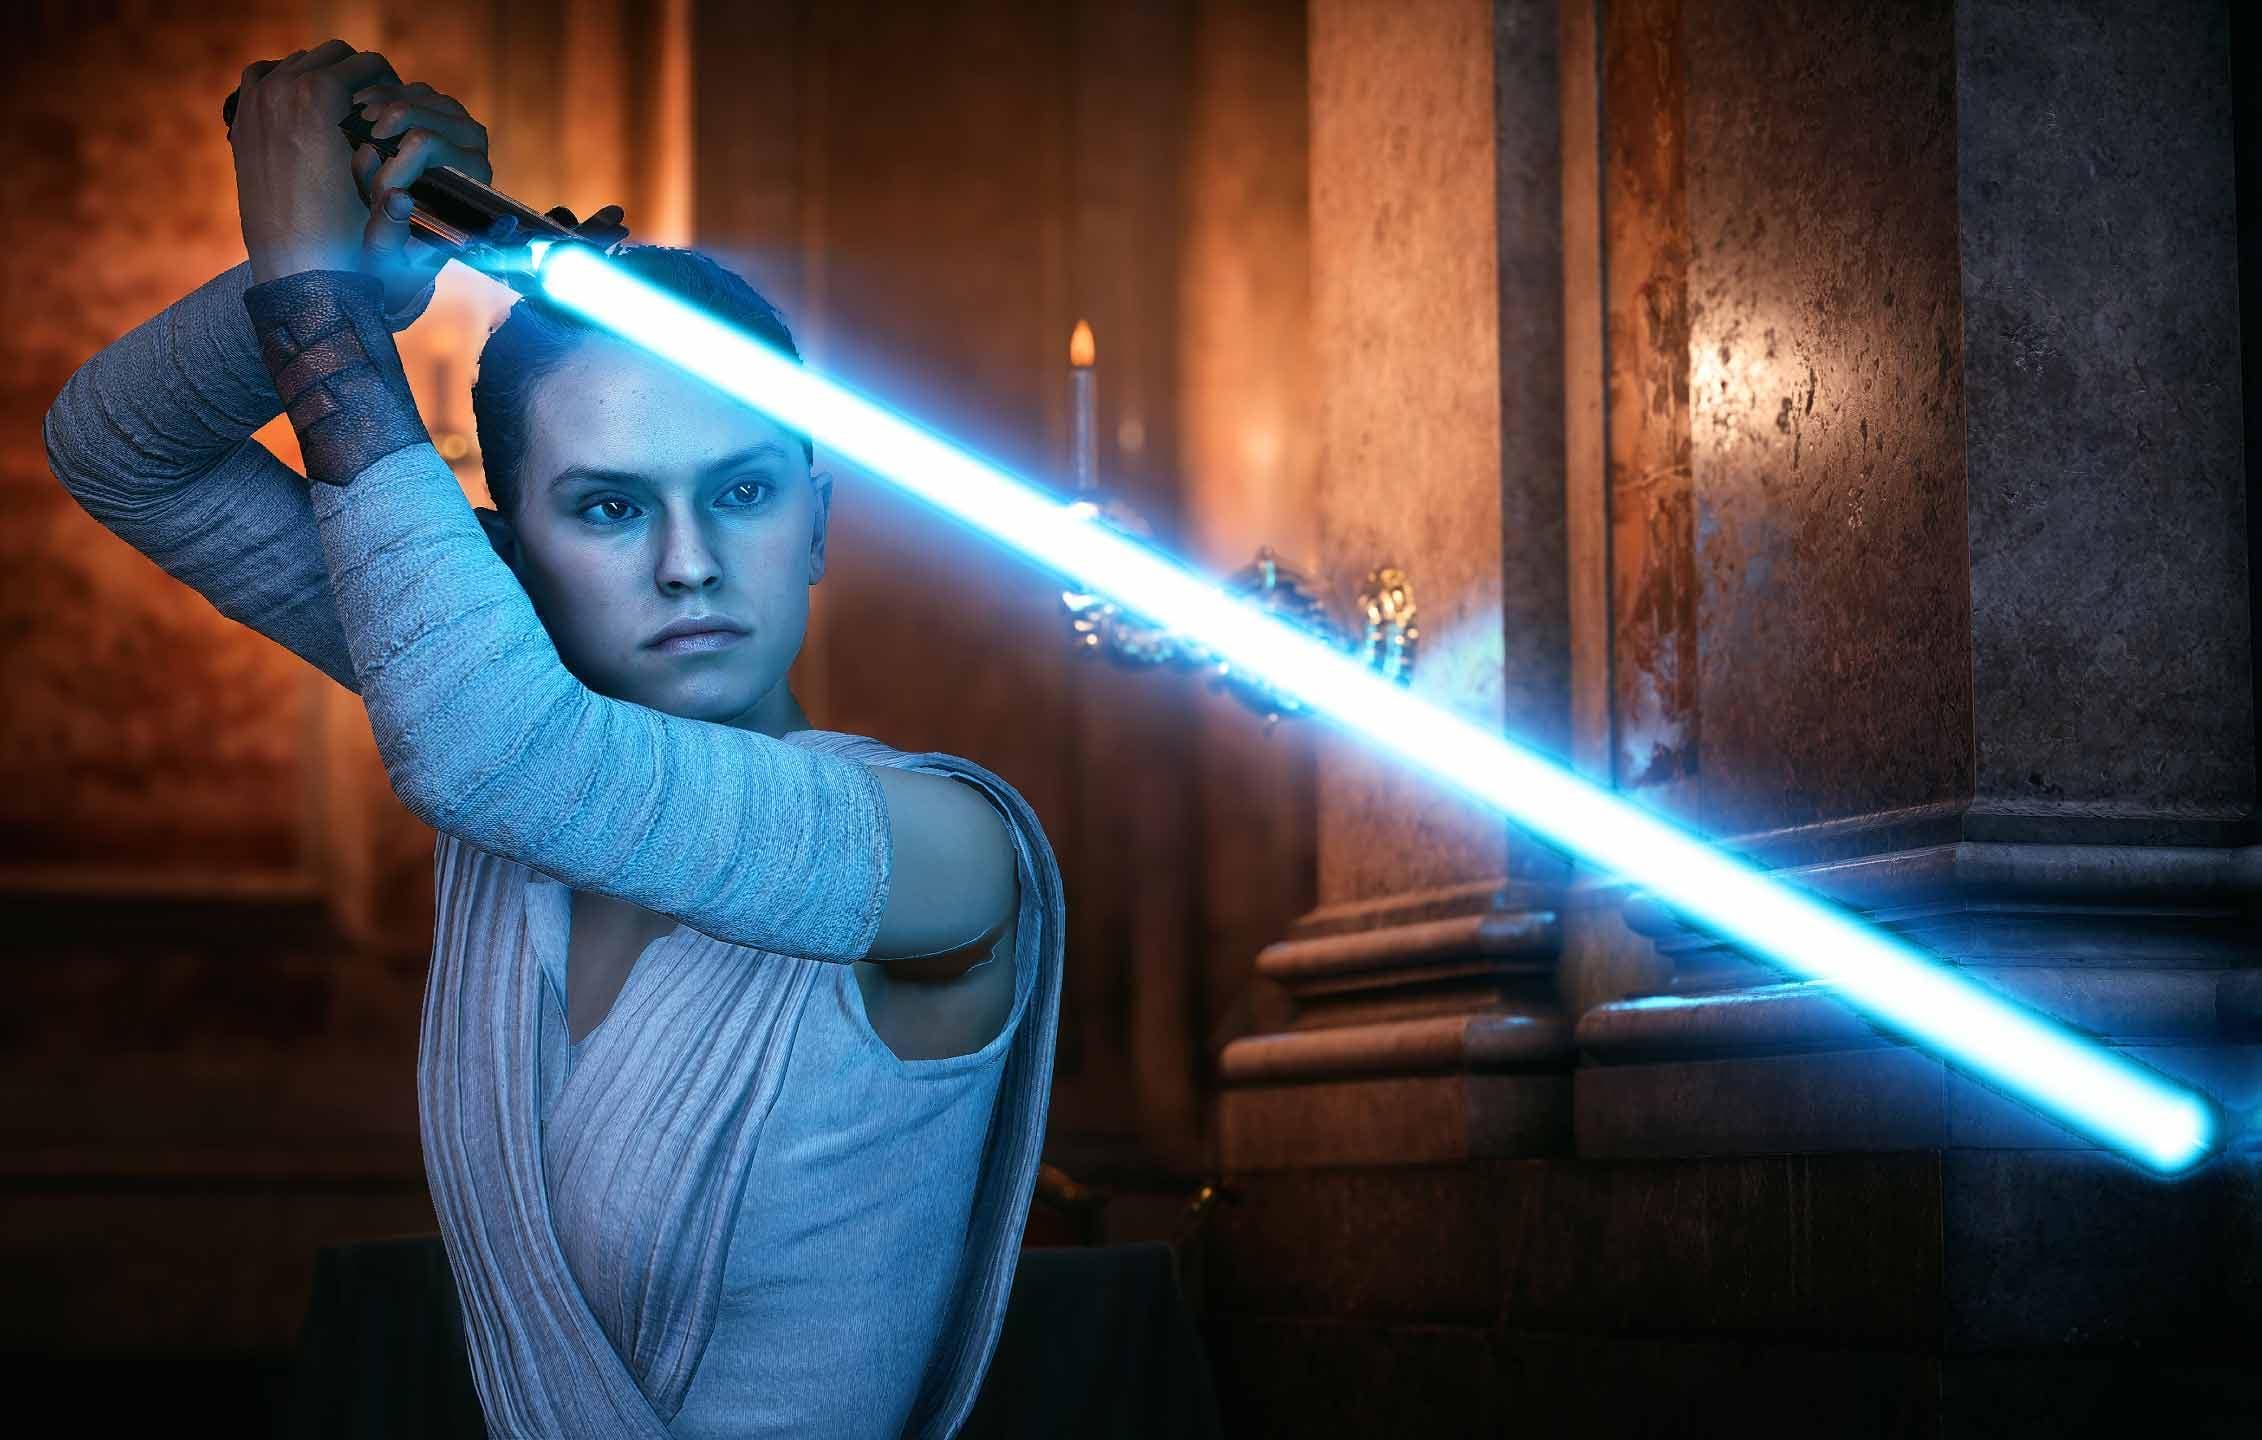 Se exponen las mejoras gráficas de Star Wars Battlefront II desde su lanzamiento en un vídeo comparativo